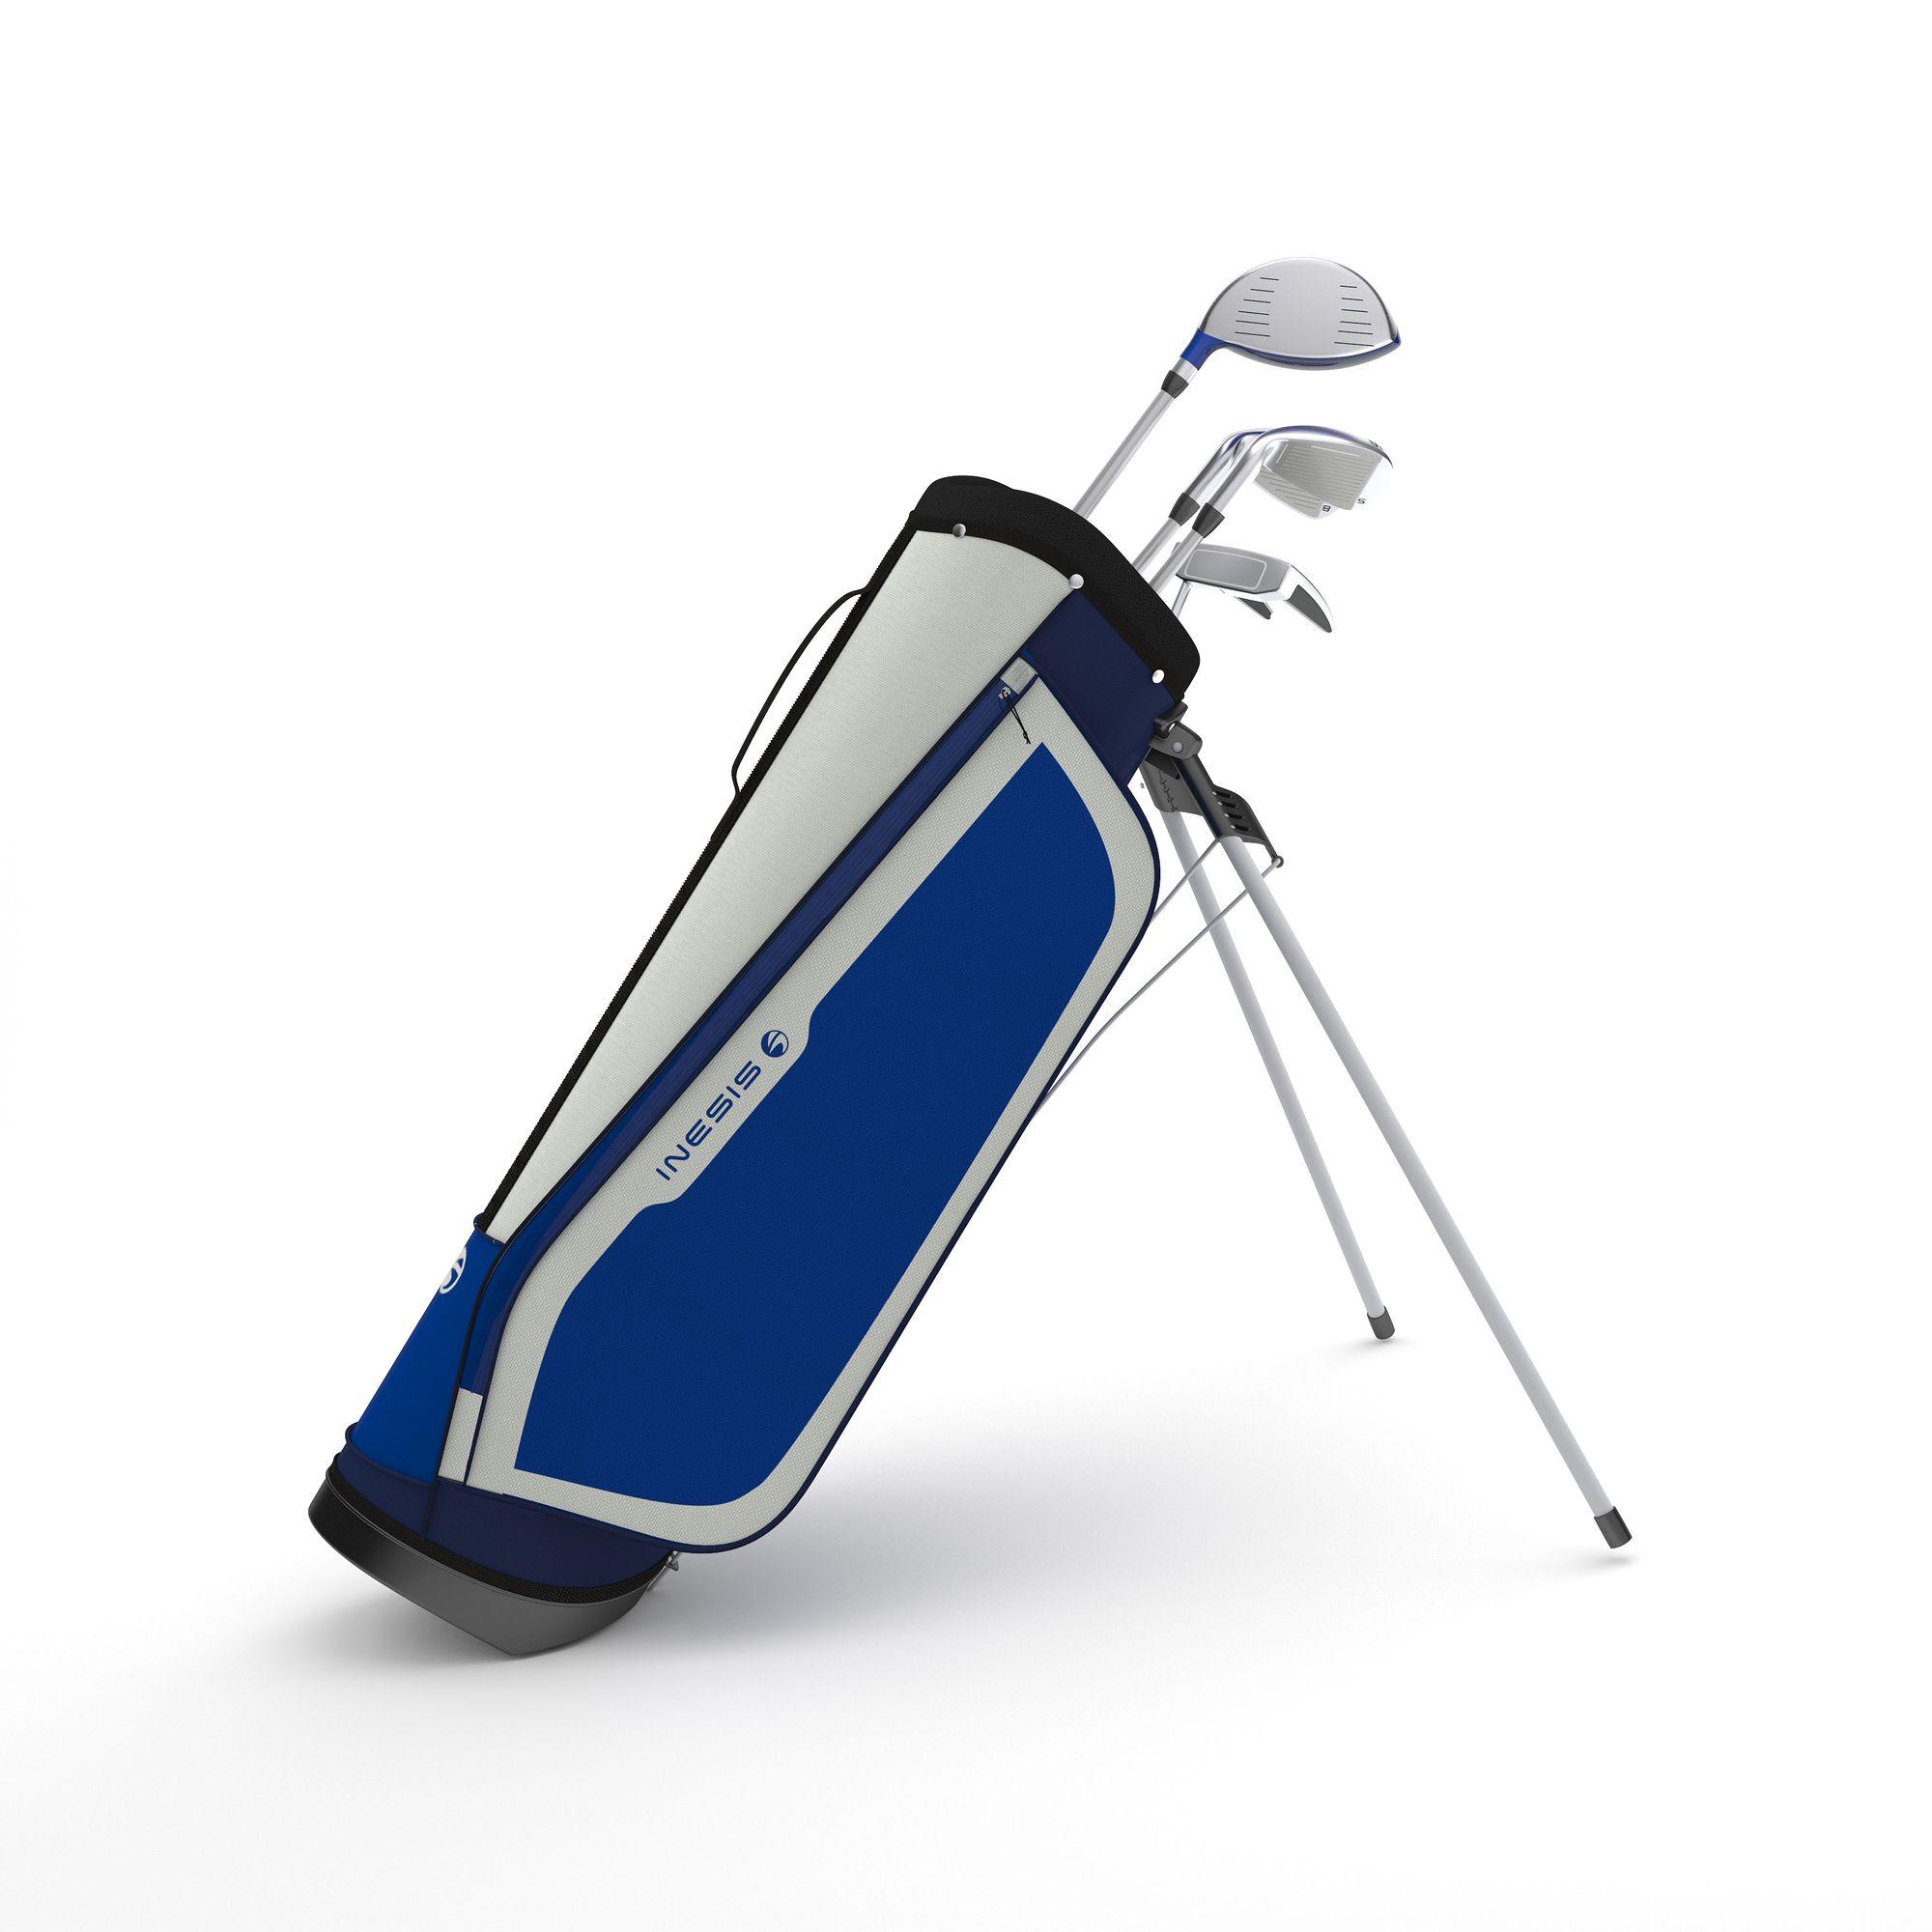 KIT de golf 500 enfant 11-13 ANS droitier